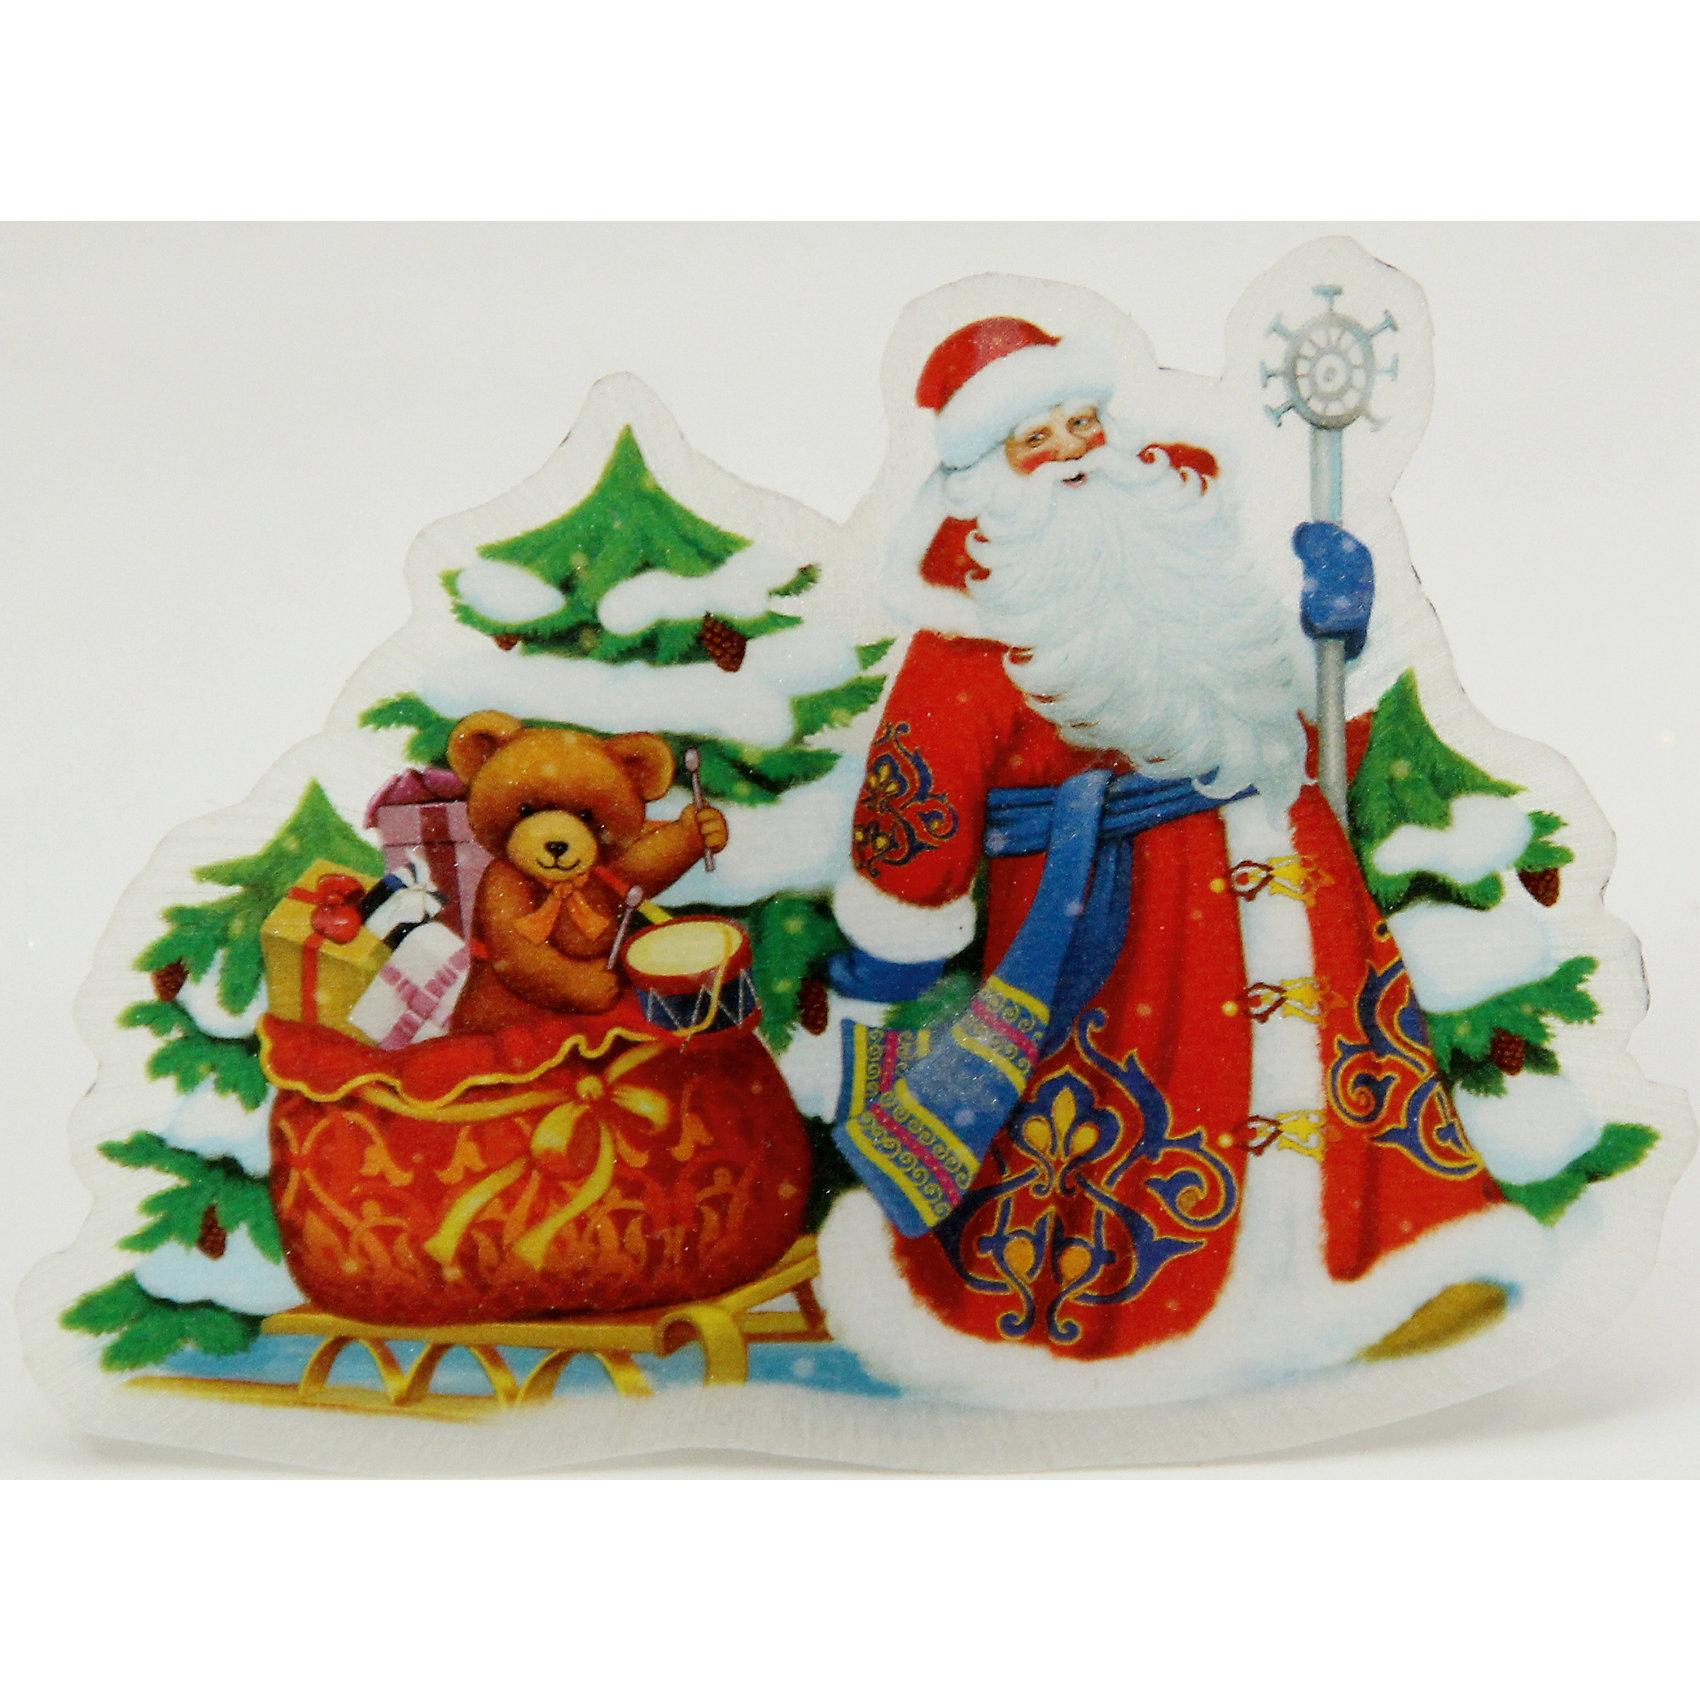 Украшение Дед Мороз и медвежонок со светодиодной подсветкойВсё для праздника<br>Сверкающие и светящиеся украшения - обязательный атрибут Нового года! Особое время - сам праздник и предновогодние хлопоты - ждут не только дети, но и взрослые! Праздничное настроение создает в первую очередь украшенный дом и наряженная ёлка. <br>Эта фигурка идет в комплекте с элементом питания, который помогает создавать для неё праздничную подсветку. Изделие произведено из безопасного для детей, прочного, но легкого, материала. Создайте с ним праздничное настроение себе и близким!<br><br>Дополнительная информация:<br><br>цвет: разноцветный;<br>материал: ПВХ;<br>элемент питания: CR2032;<br>мощность 0,06 Вт, напряжение 3 В;<br>размер: 12 x 8 x 3 см.<br><br>Украшение Дед Мороз и медвежонок со светодиодной подсветкой можно купить в нашем магазине.<br><br>Ширина мм: 100<br>Глубина мм: 100<br>Высота мм: 60<br>Вес г: 28<br>Возраст от месяцев: 36<br>Возраст до месяцев: 2147483647<br>Пол: Унисекс<br>Возраст: Детский<br>SKU: 4981628